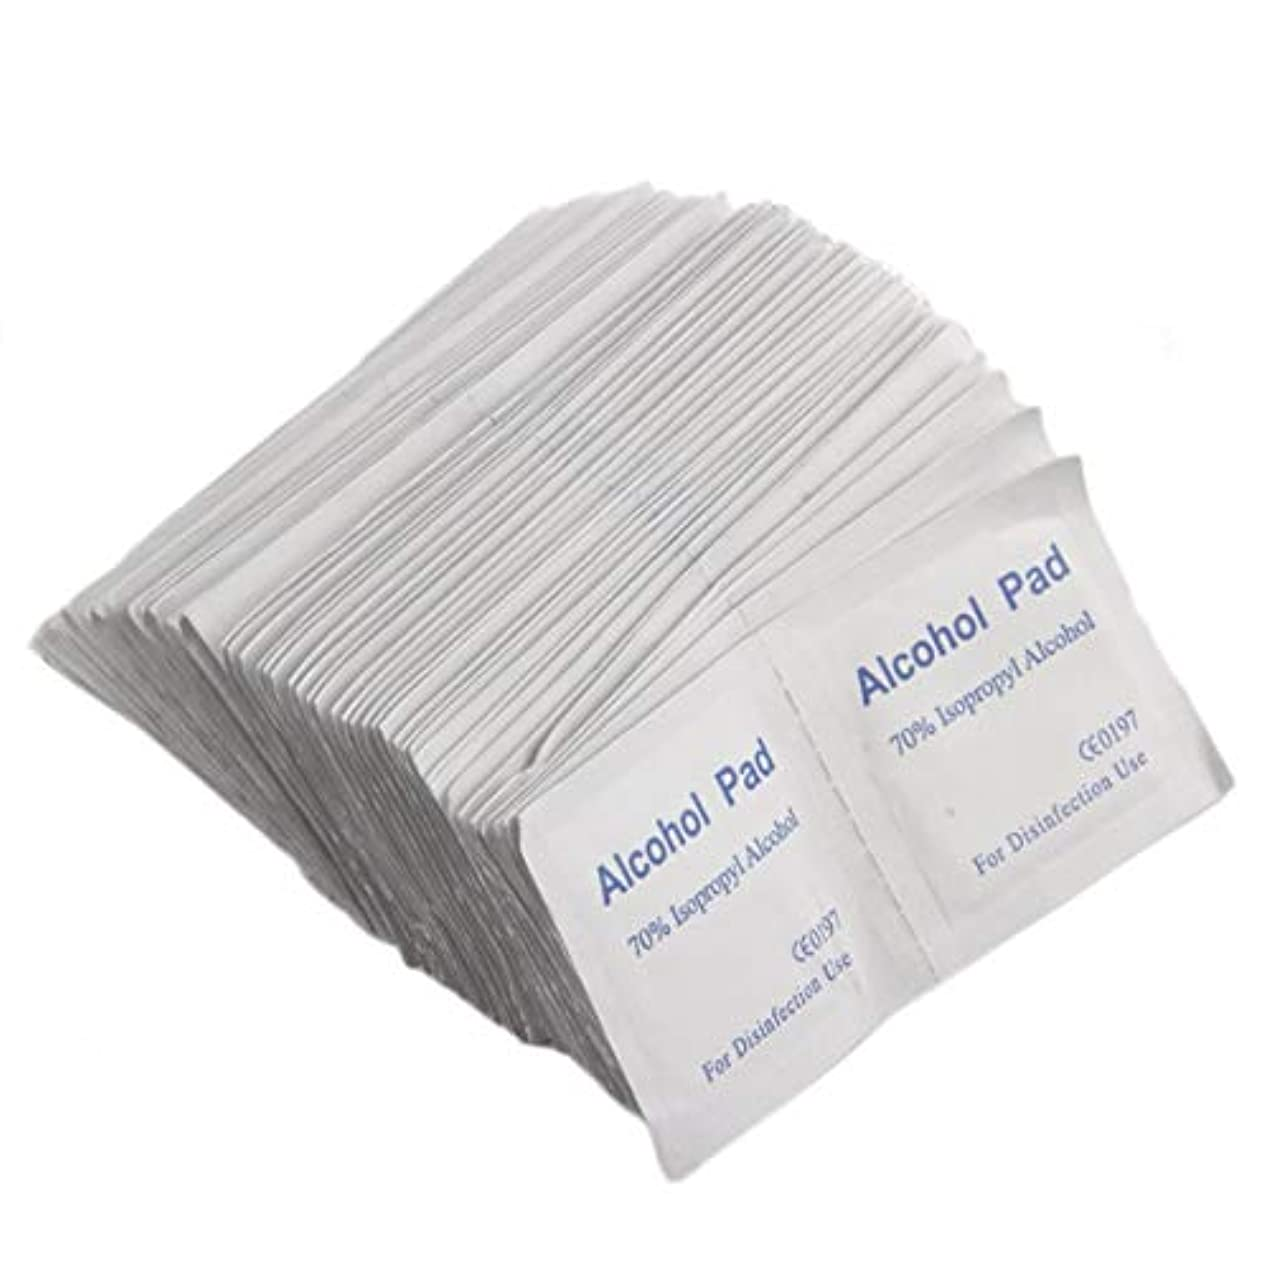 フィヨルド艦隊生息地Intercorey 100ピース/ボックスプロフェッショナルアルコールワイプパッド医療綿棒サシェ抗菌ツールクレンザークリーニング不織布紙